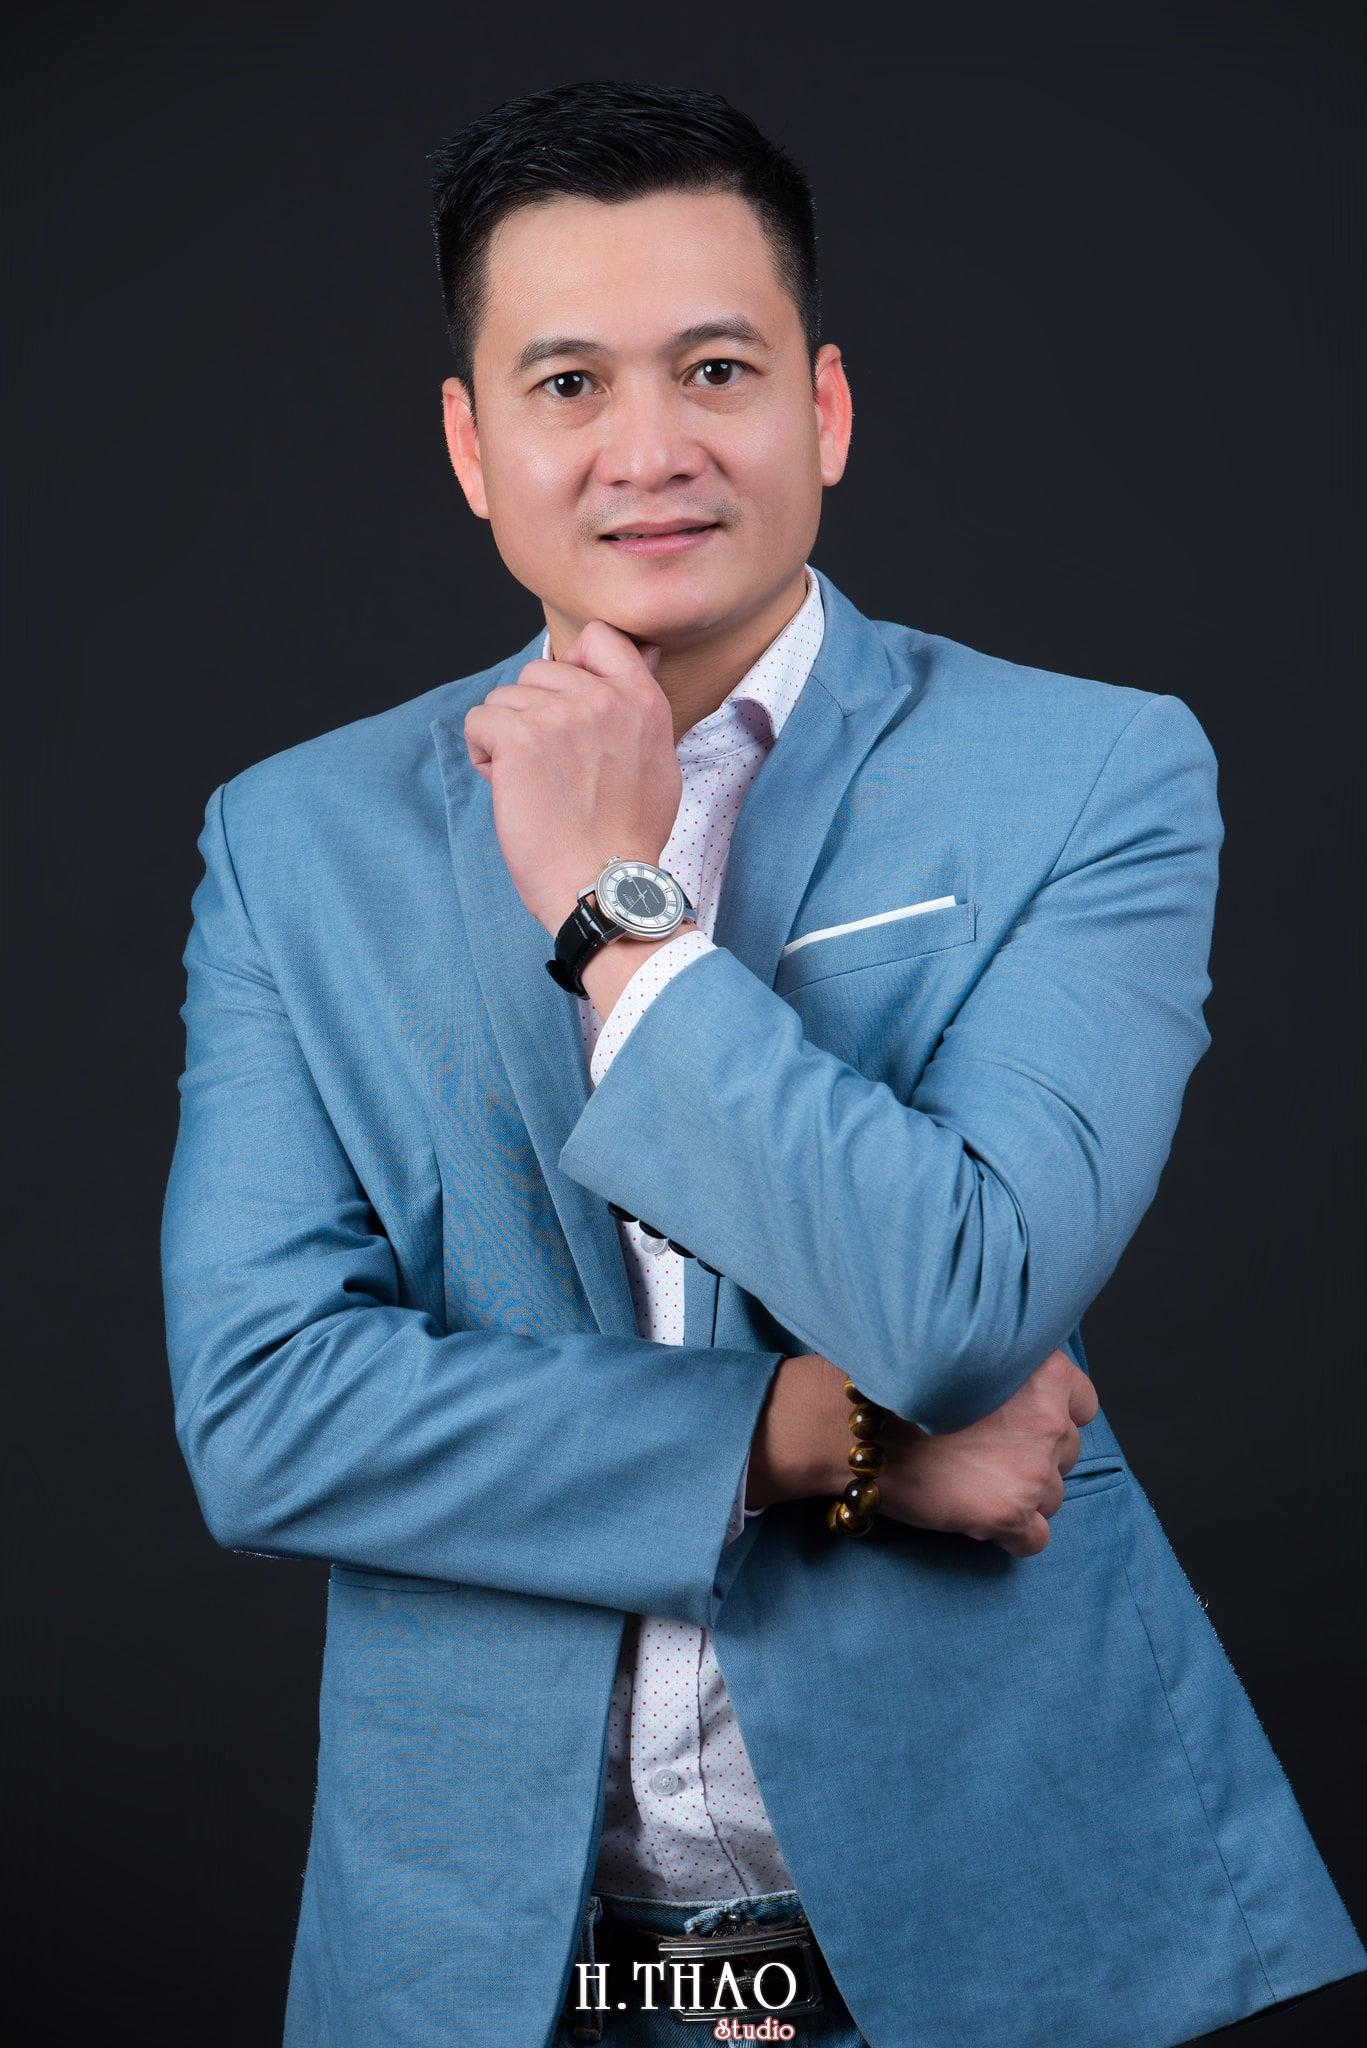 nh chuẩn phong cách doanh nhân đẹp - Album ảnh chuẩn phong cách doanh nhân Hưng Nguyễn - HThao Studio